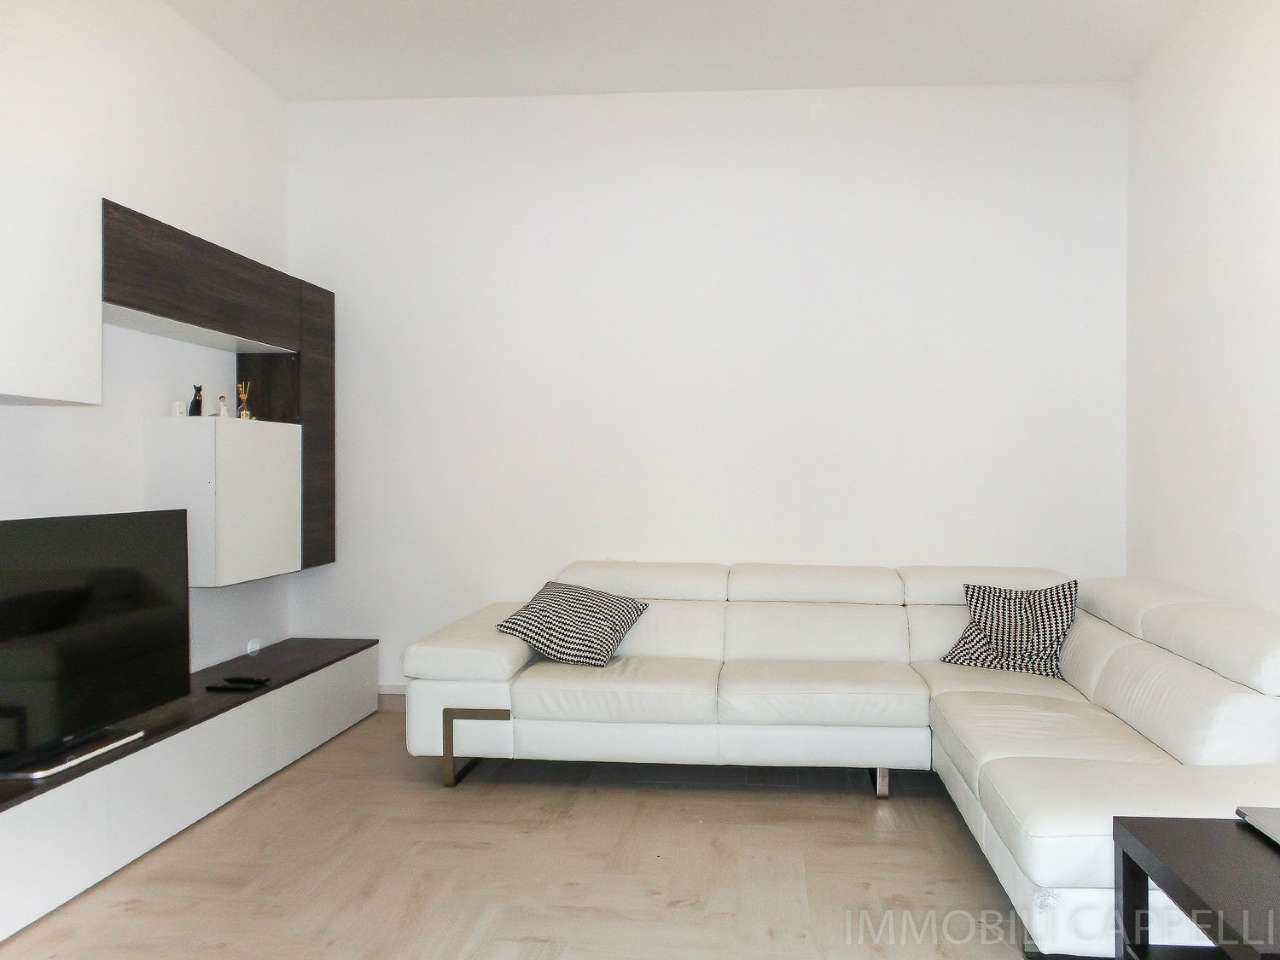 Fratta Terme di Bertinoro appartamento indipendente 3 camere ristrutturato in vendita